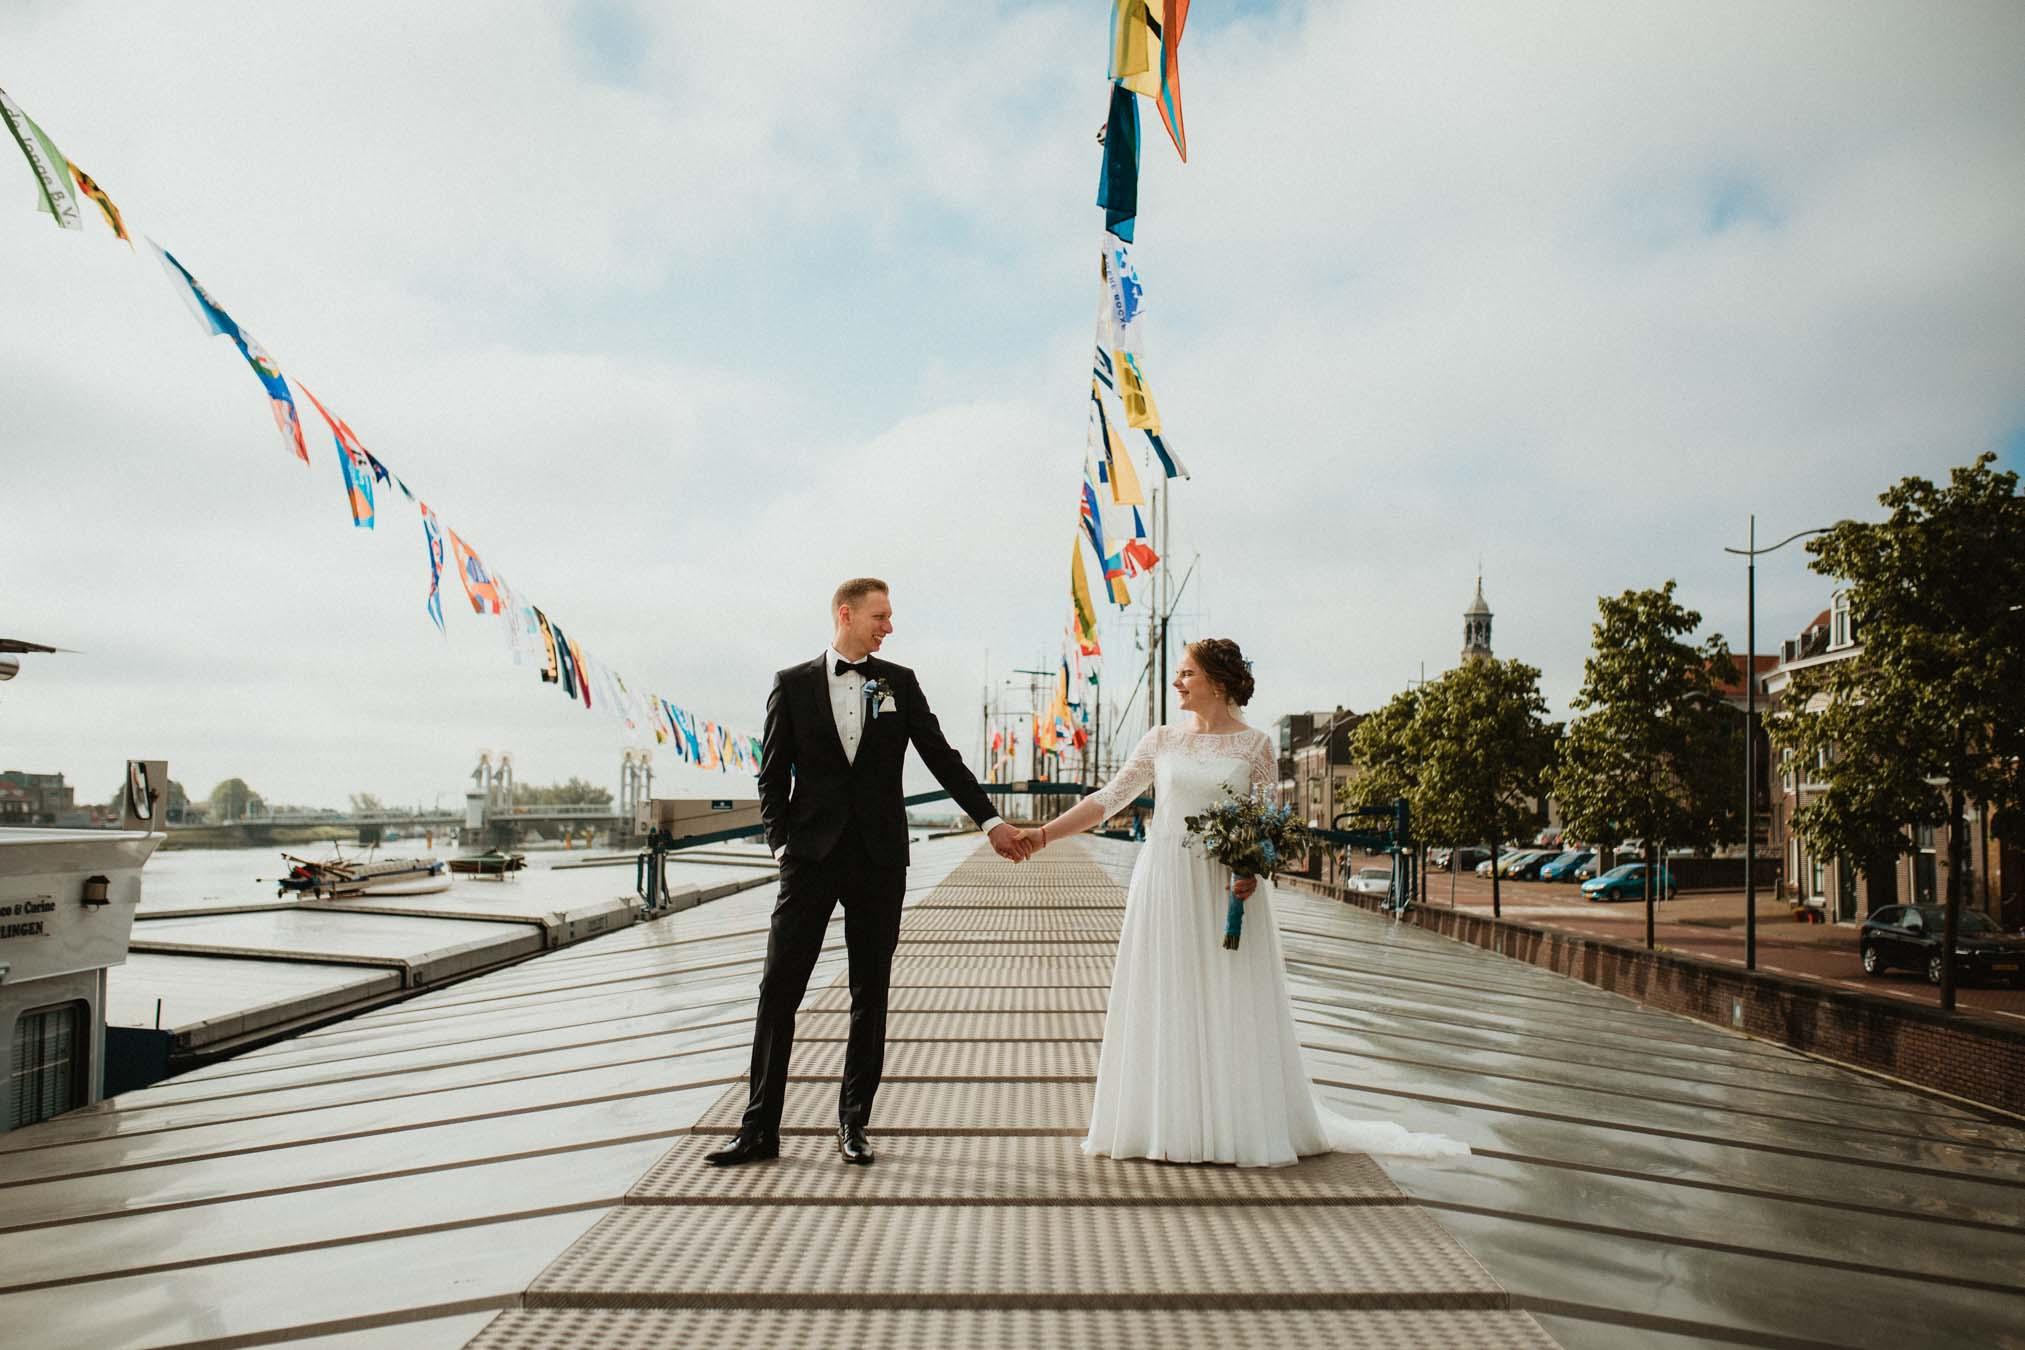 Trouwfotografie spontaan en ongedwongen in Kampen door Ilse Stronks fotografie